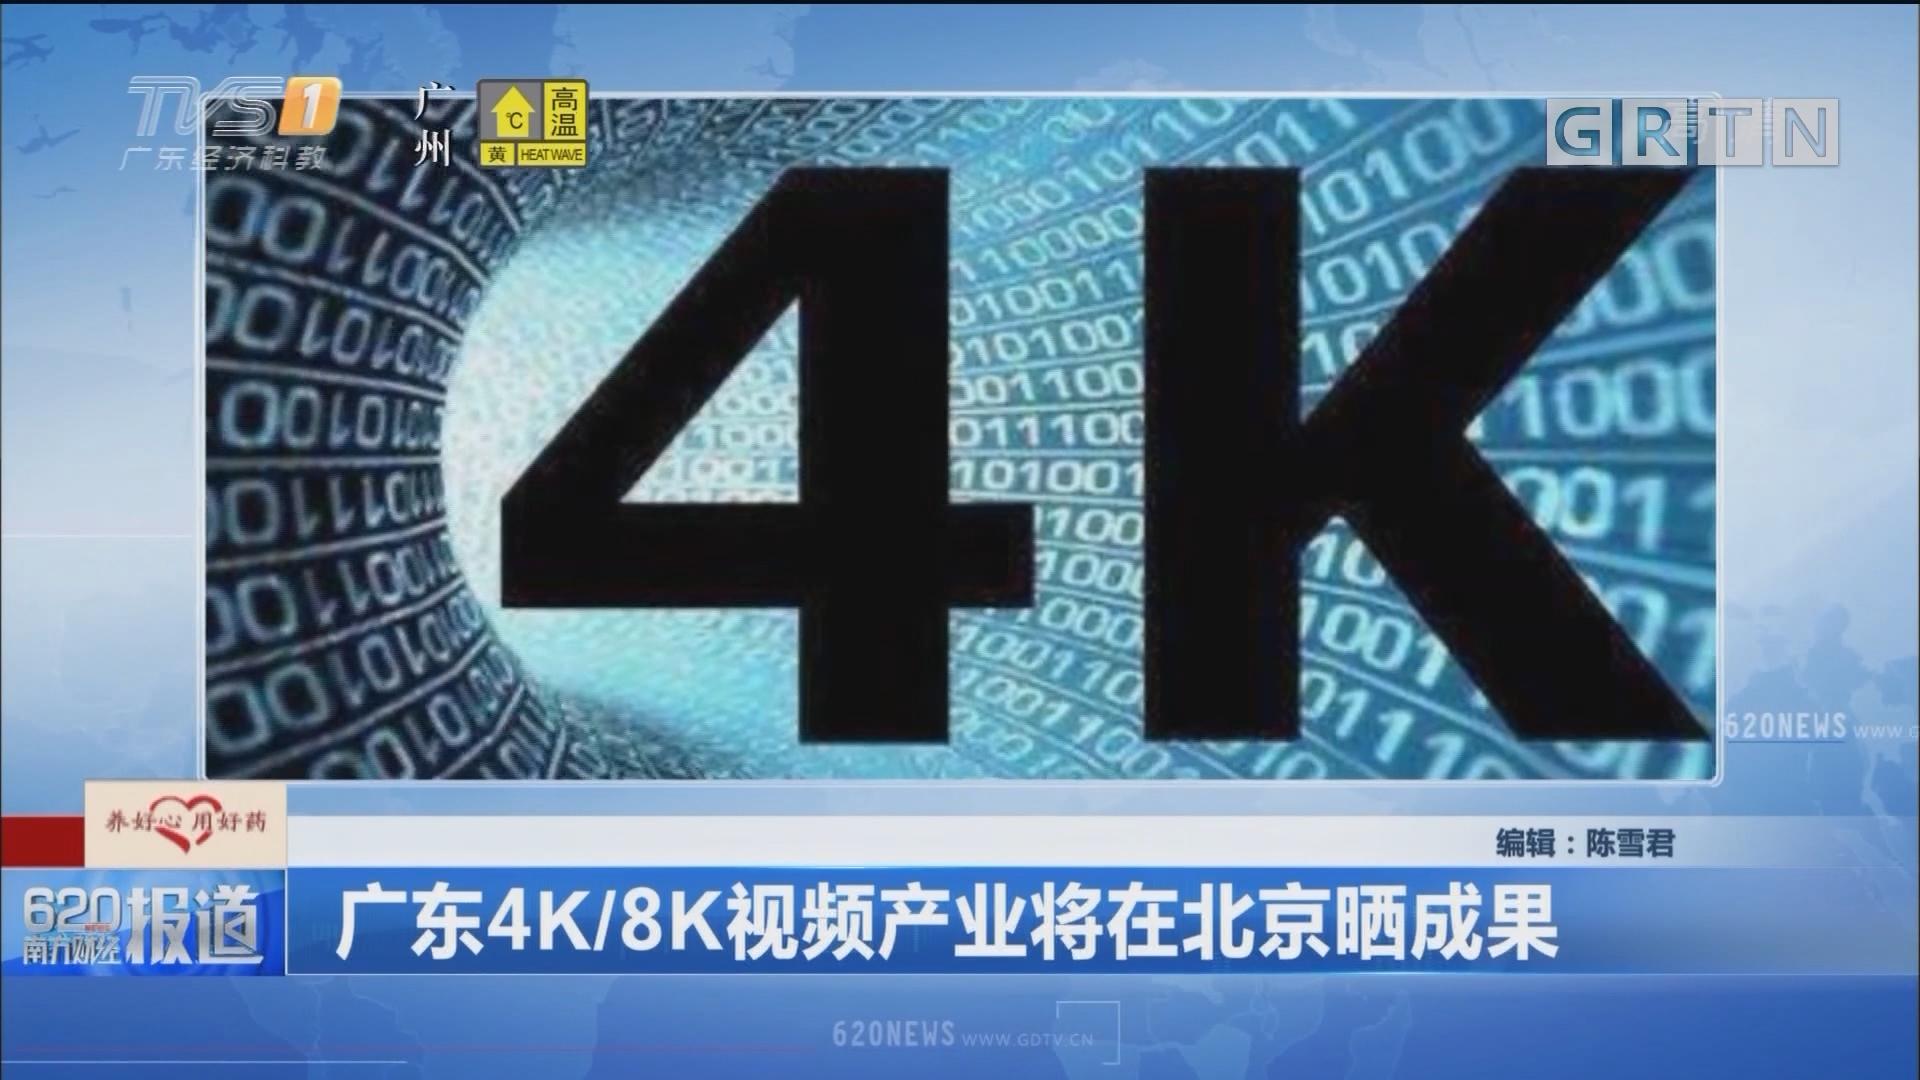 广东4K/8K视频产业将在北京晒成果